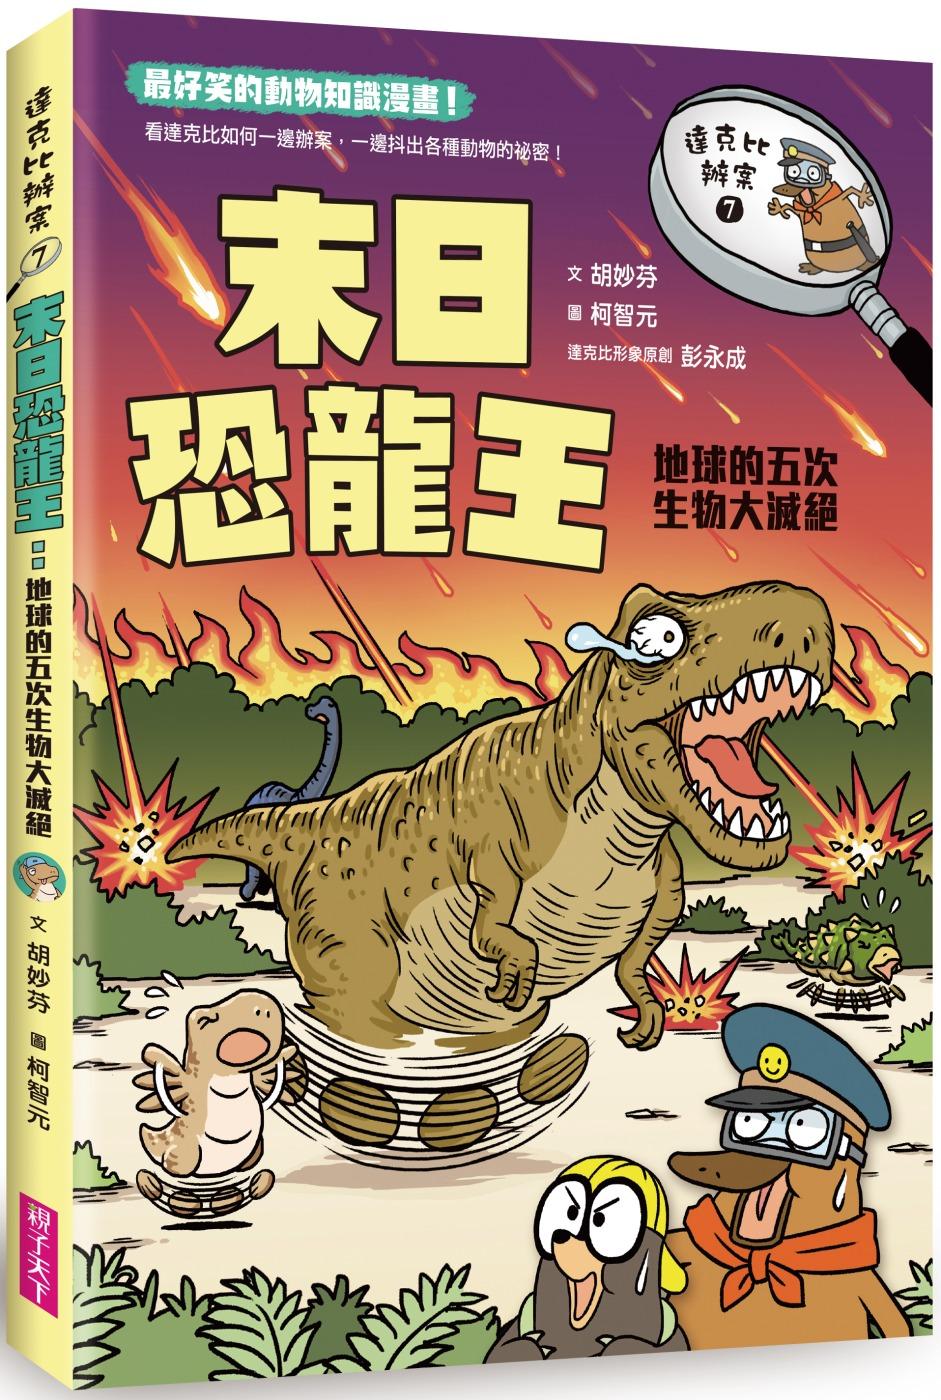 達克比辦案7:末日恐龍王:地球的五次生物大滅絕